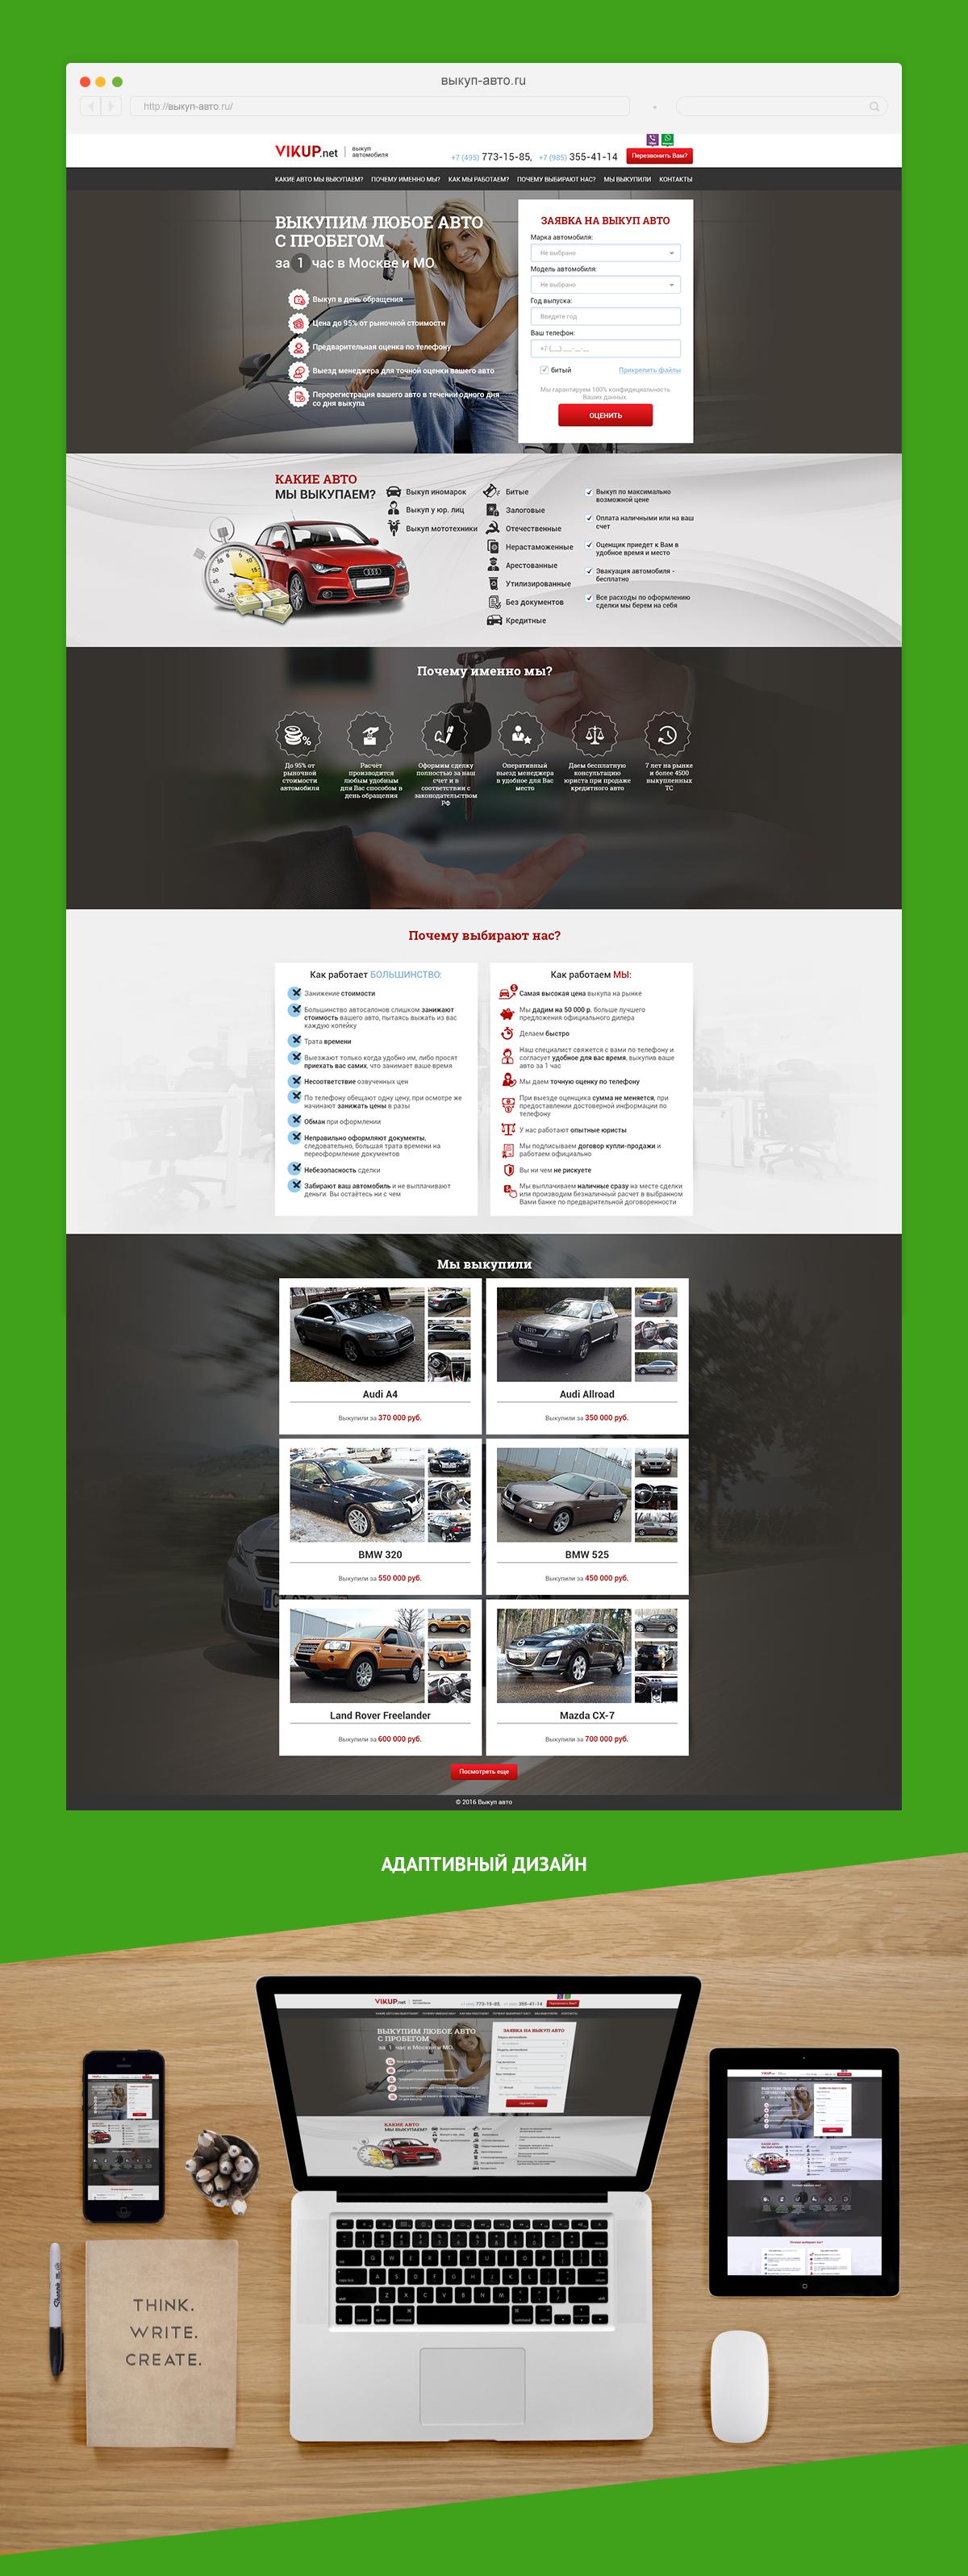 Разработка адаптивного дизайна для сайта Vikup.net